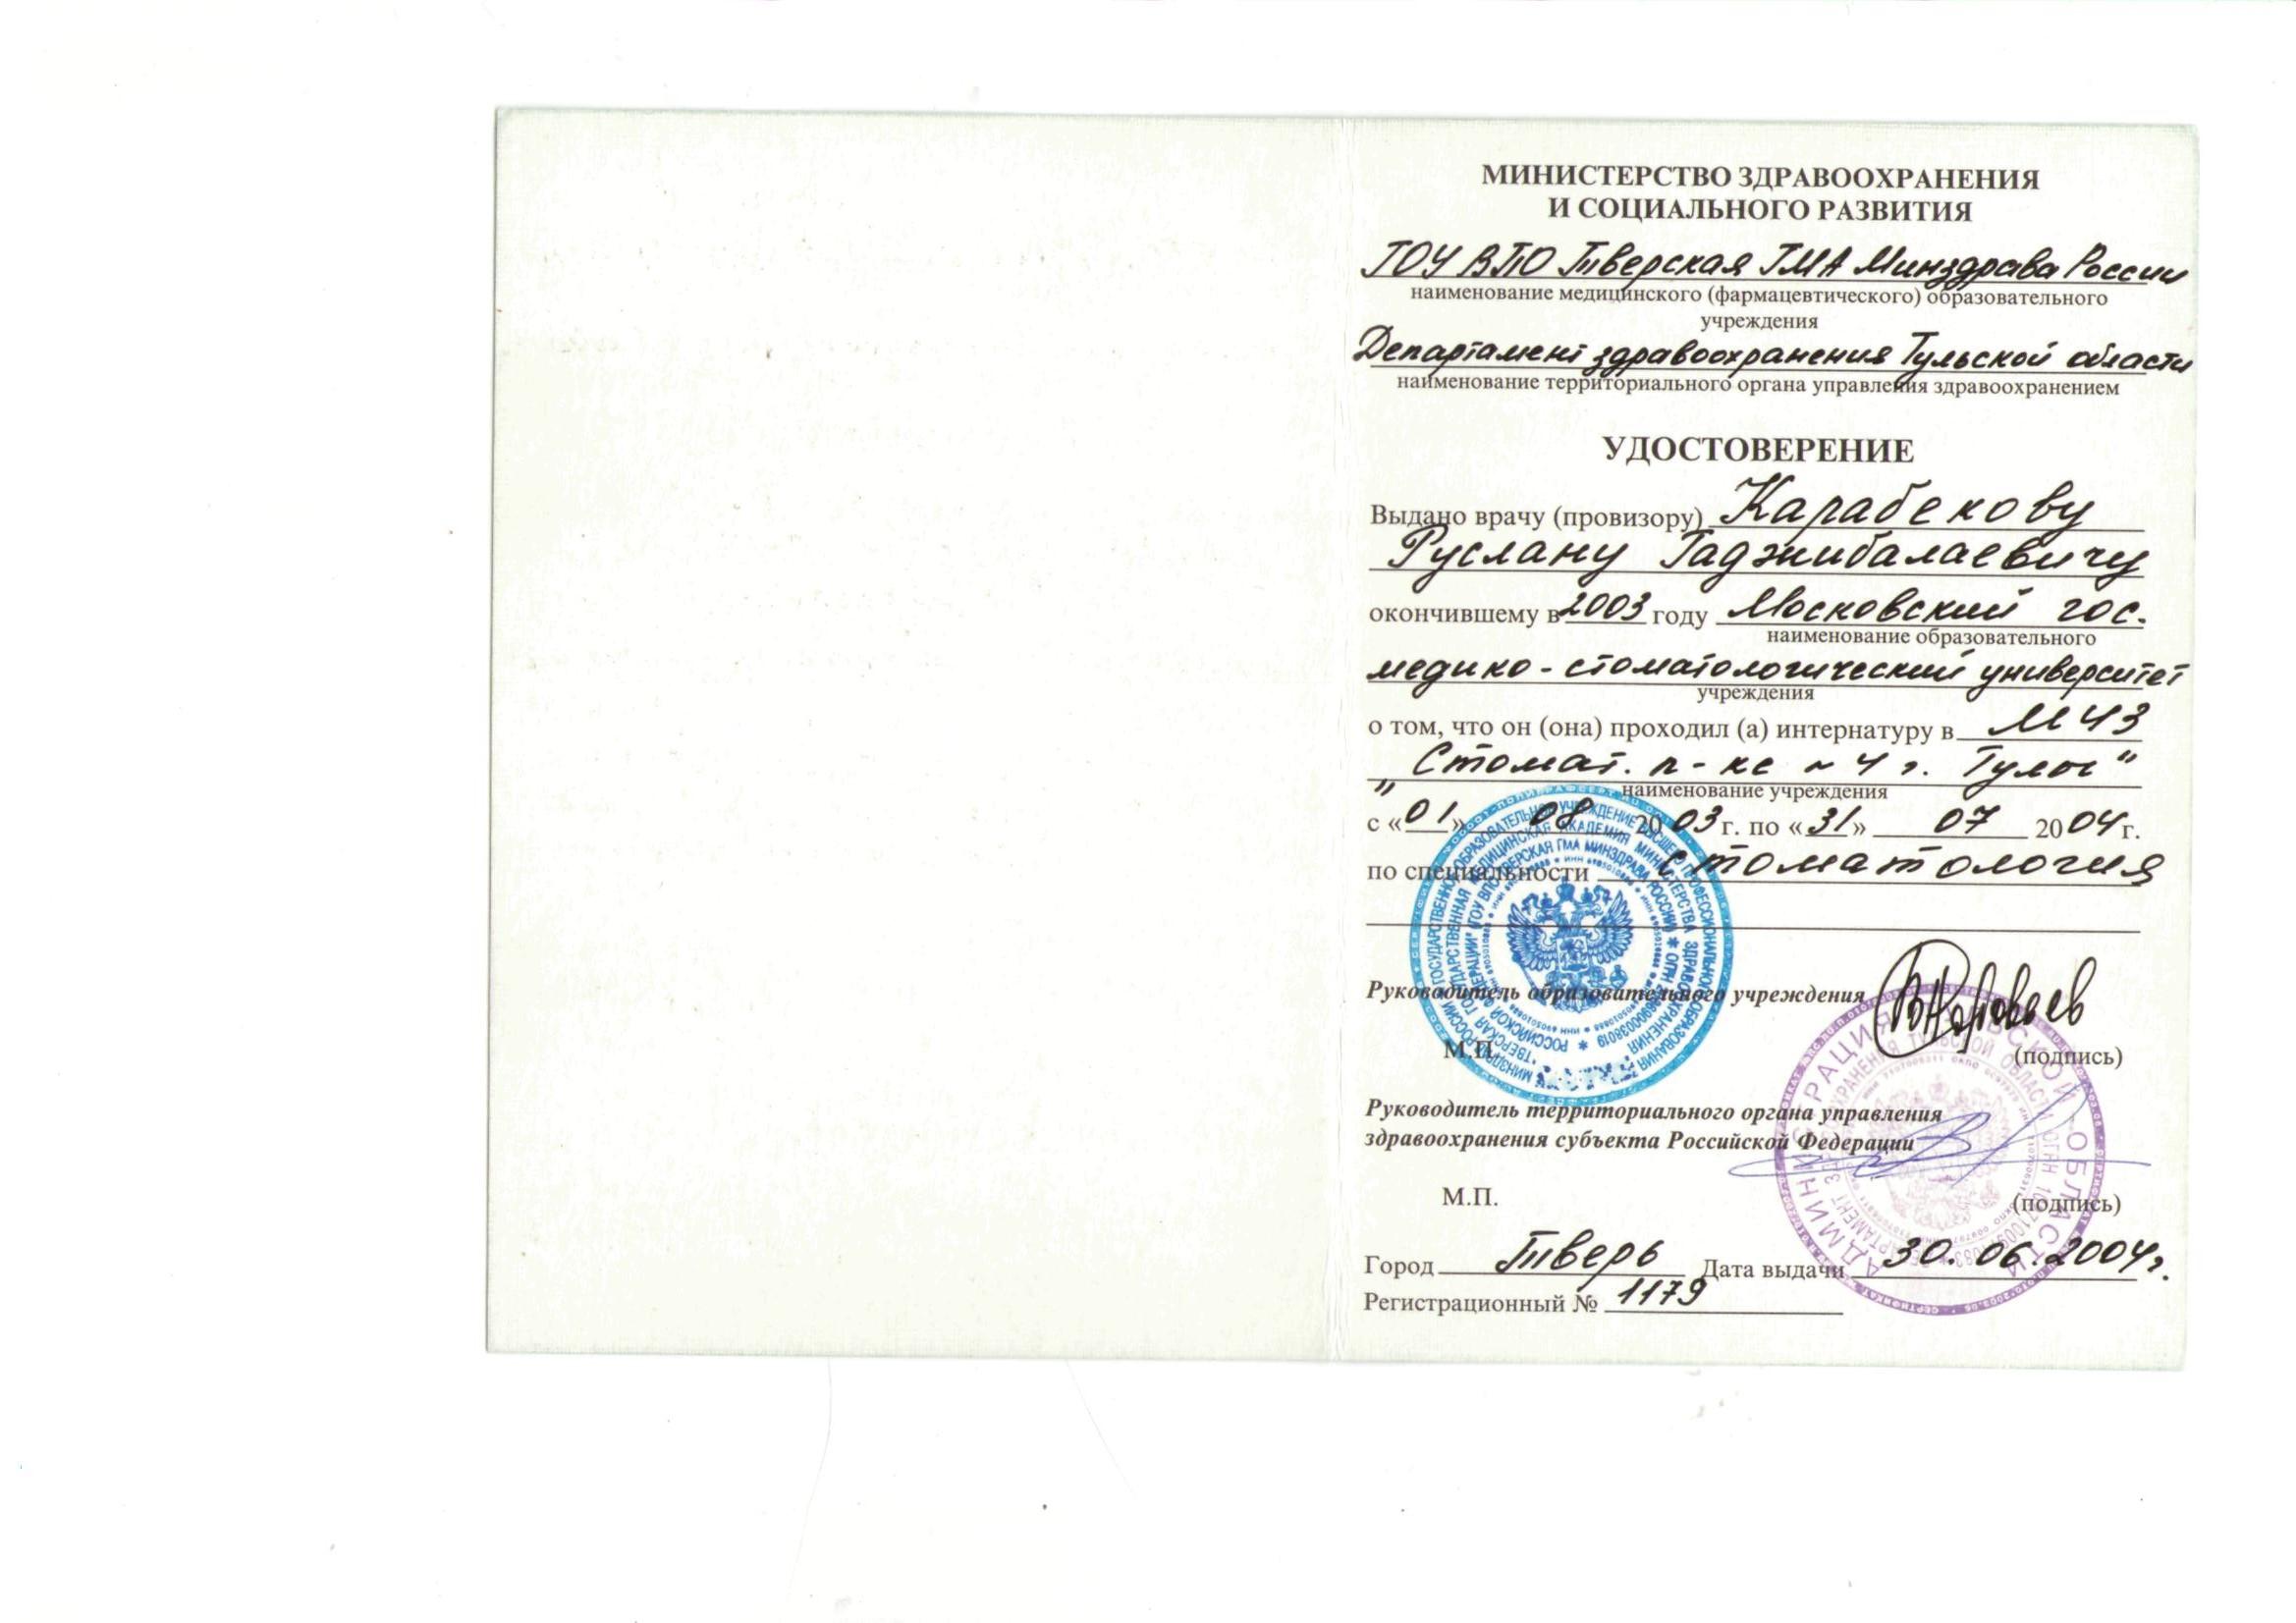 2004 удостоверение